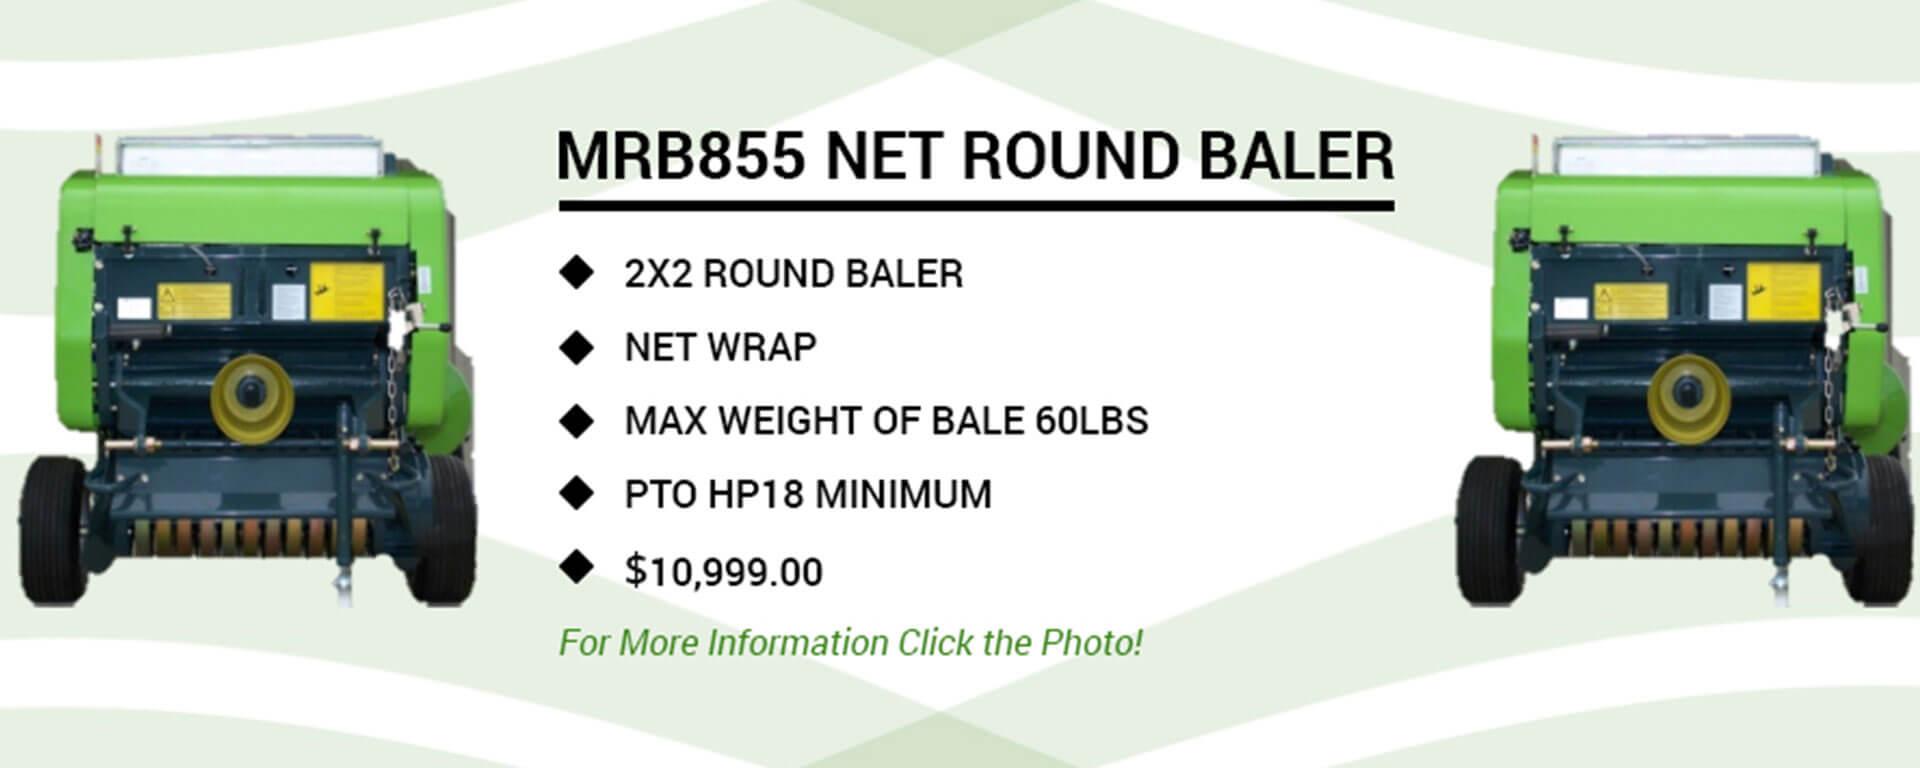 MRB855 Net Round Baler